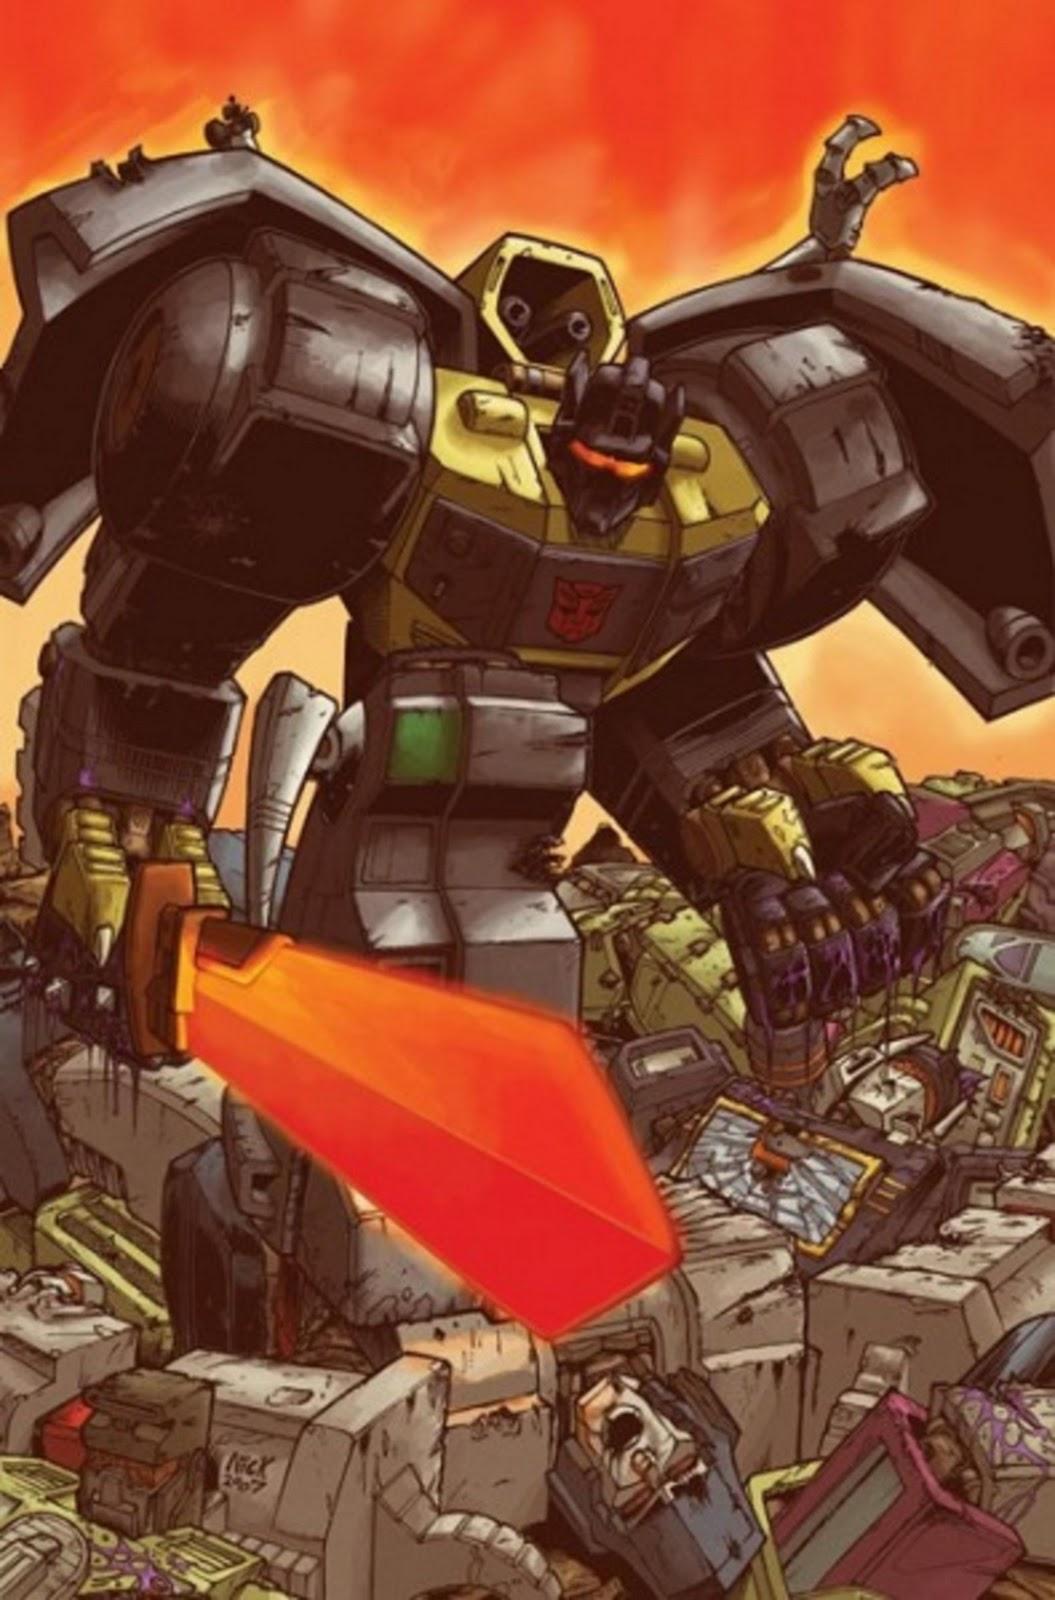 TRANSFORMERS MATRIX WALLPAPERS: Grimlock G1 3D Transformers 3 Bumblebee Vs Megatron